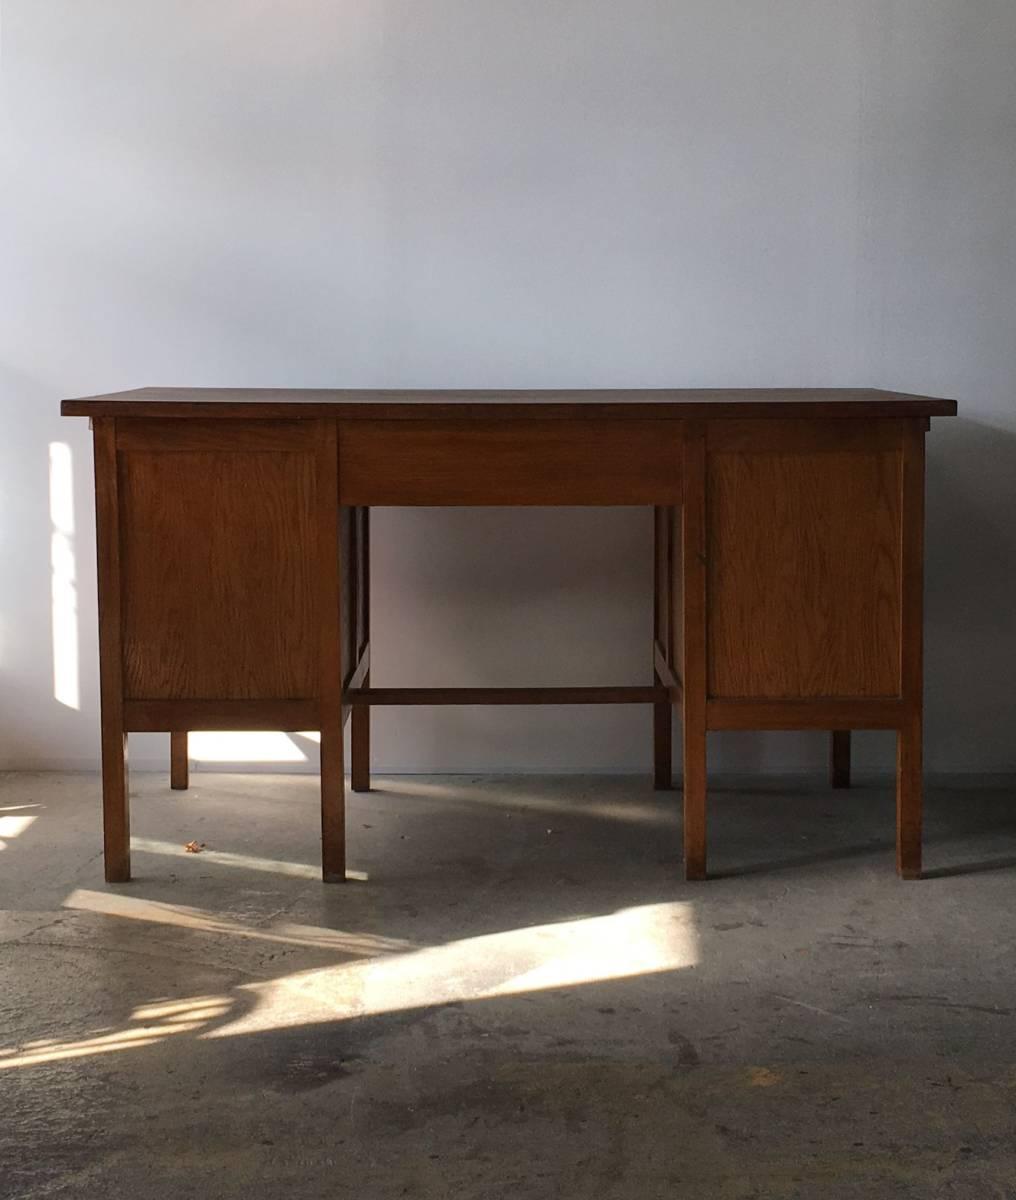 イギリス アンティーク 1940s MID CENTURY DESK オーク デスク 机 テーブル イス ビンテージ_画像8